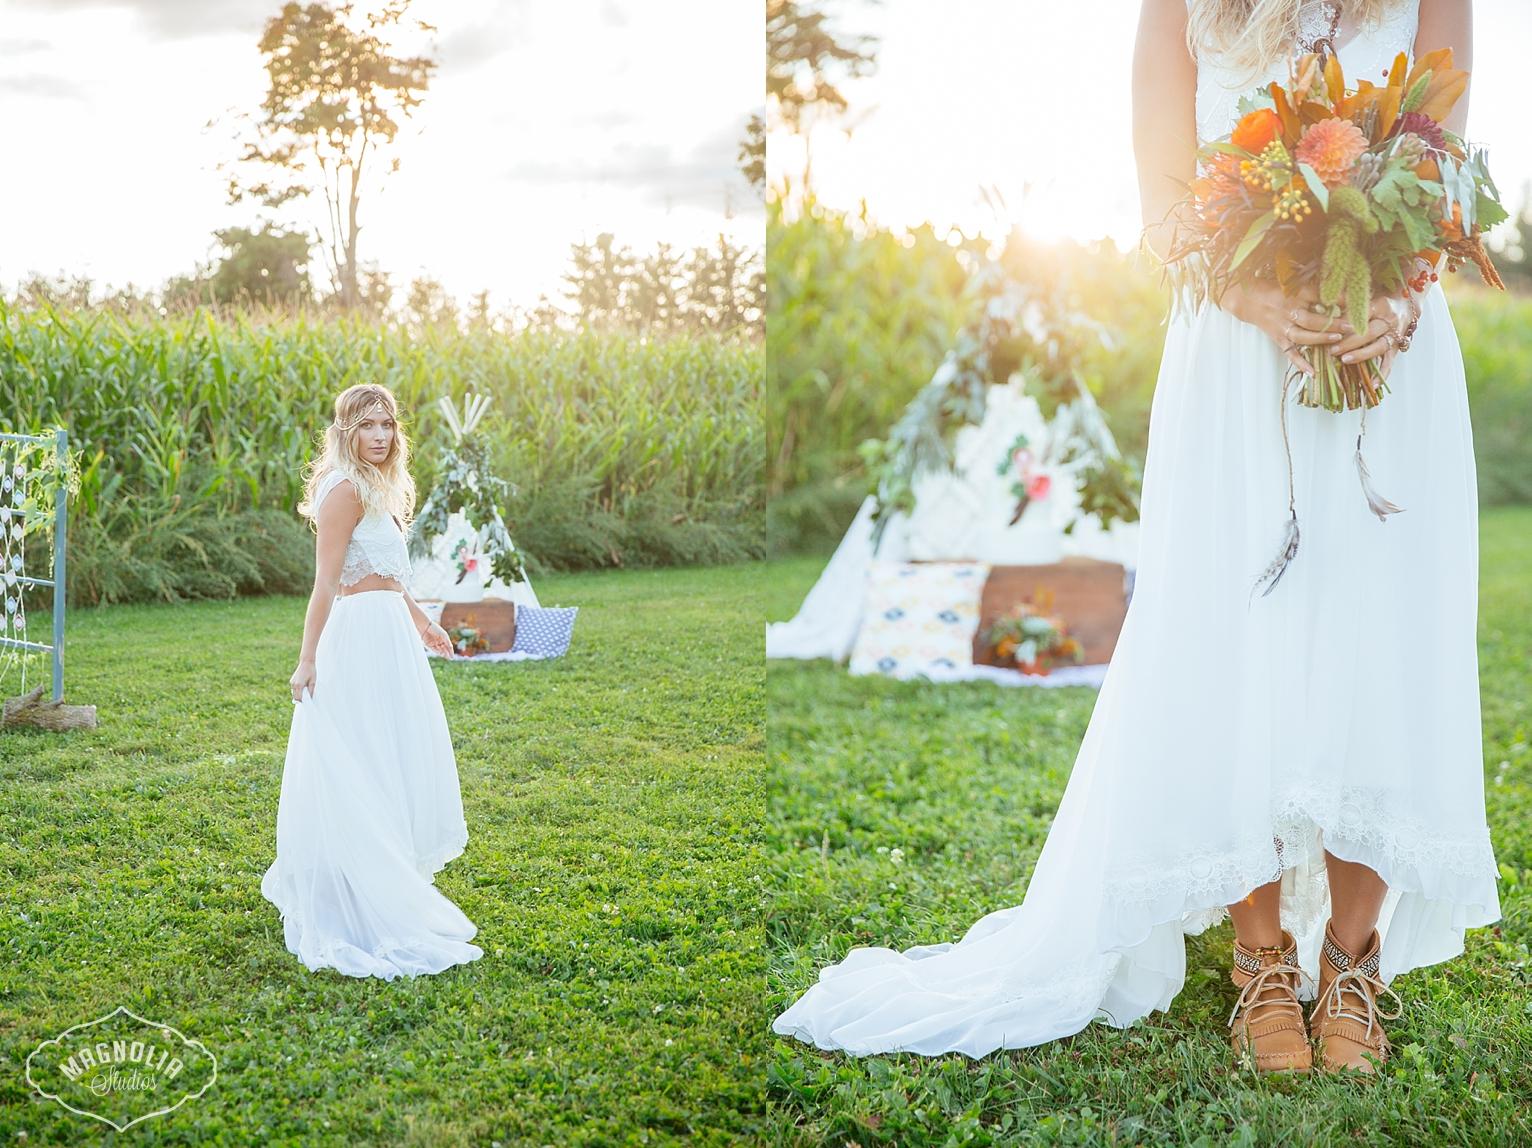 bohemian wedding dress, crop top wedding dress, crochet wedding dress